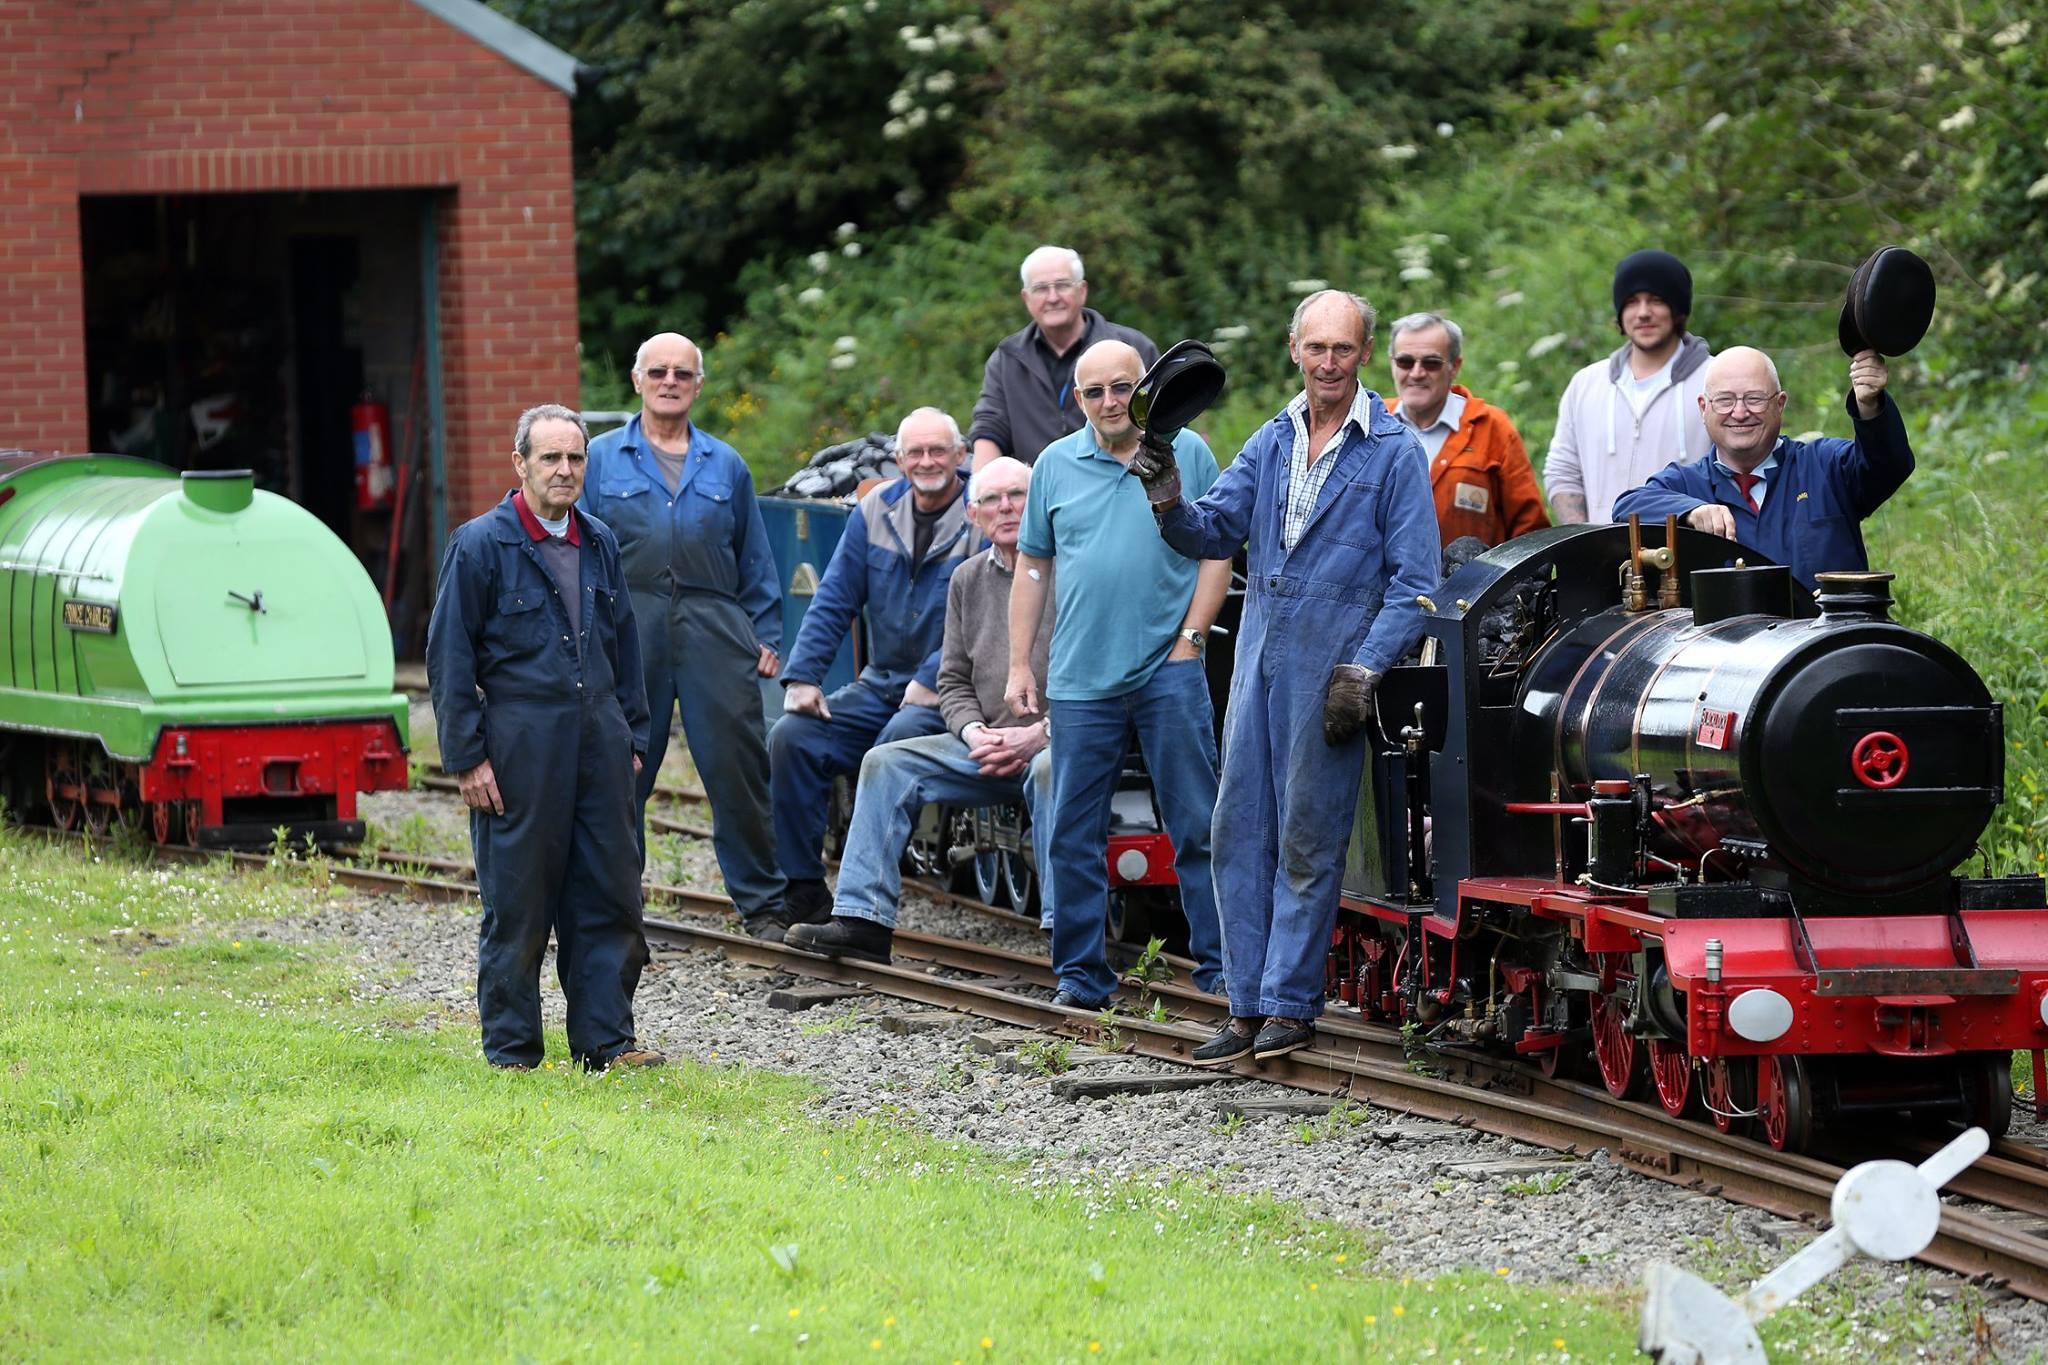 Saltburn Minature Railway